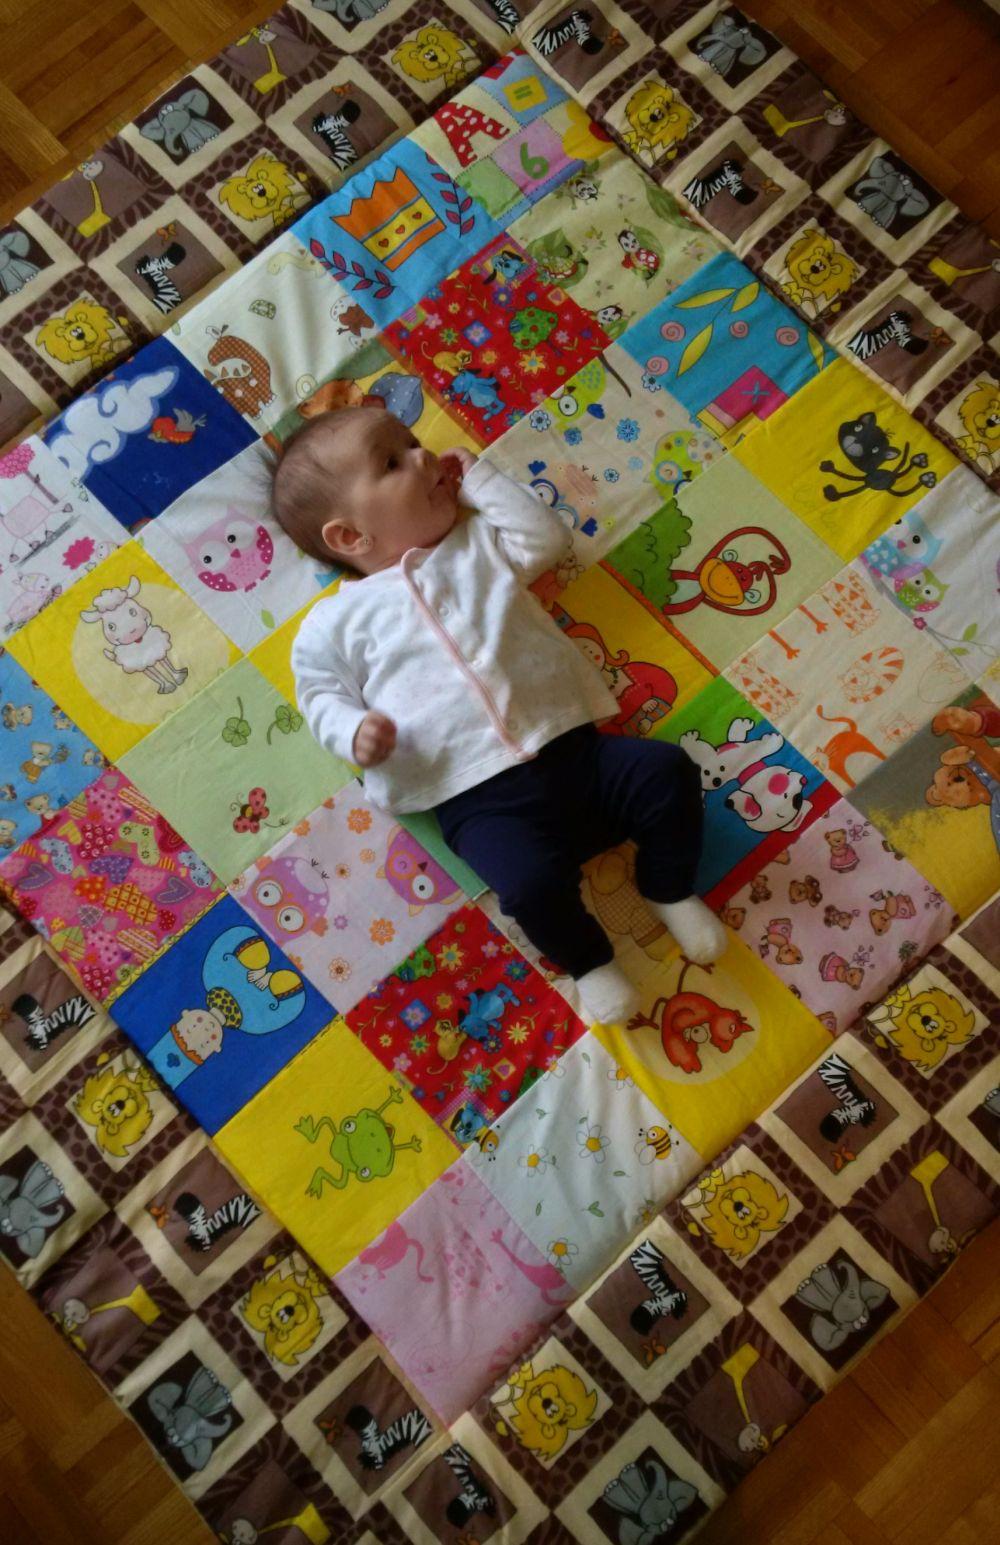 130x130 cm-s játszószőnyeg, édes kis tulajdonosával. :-)